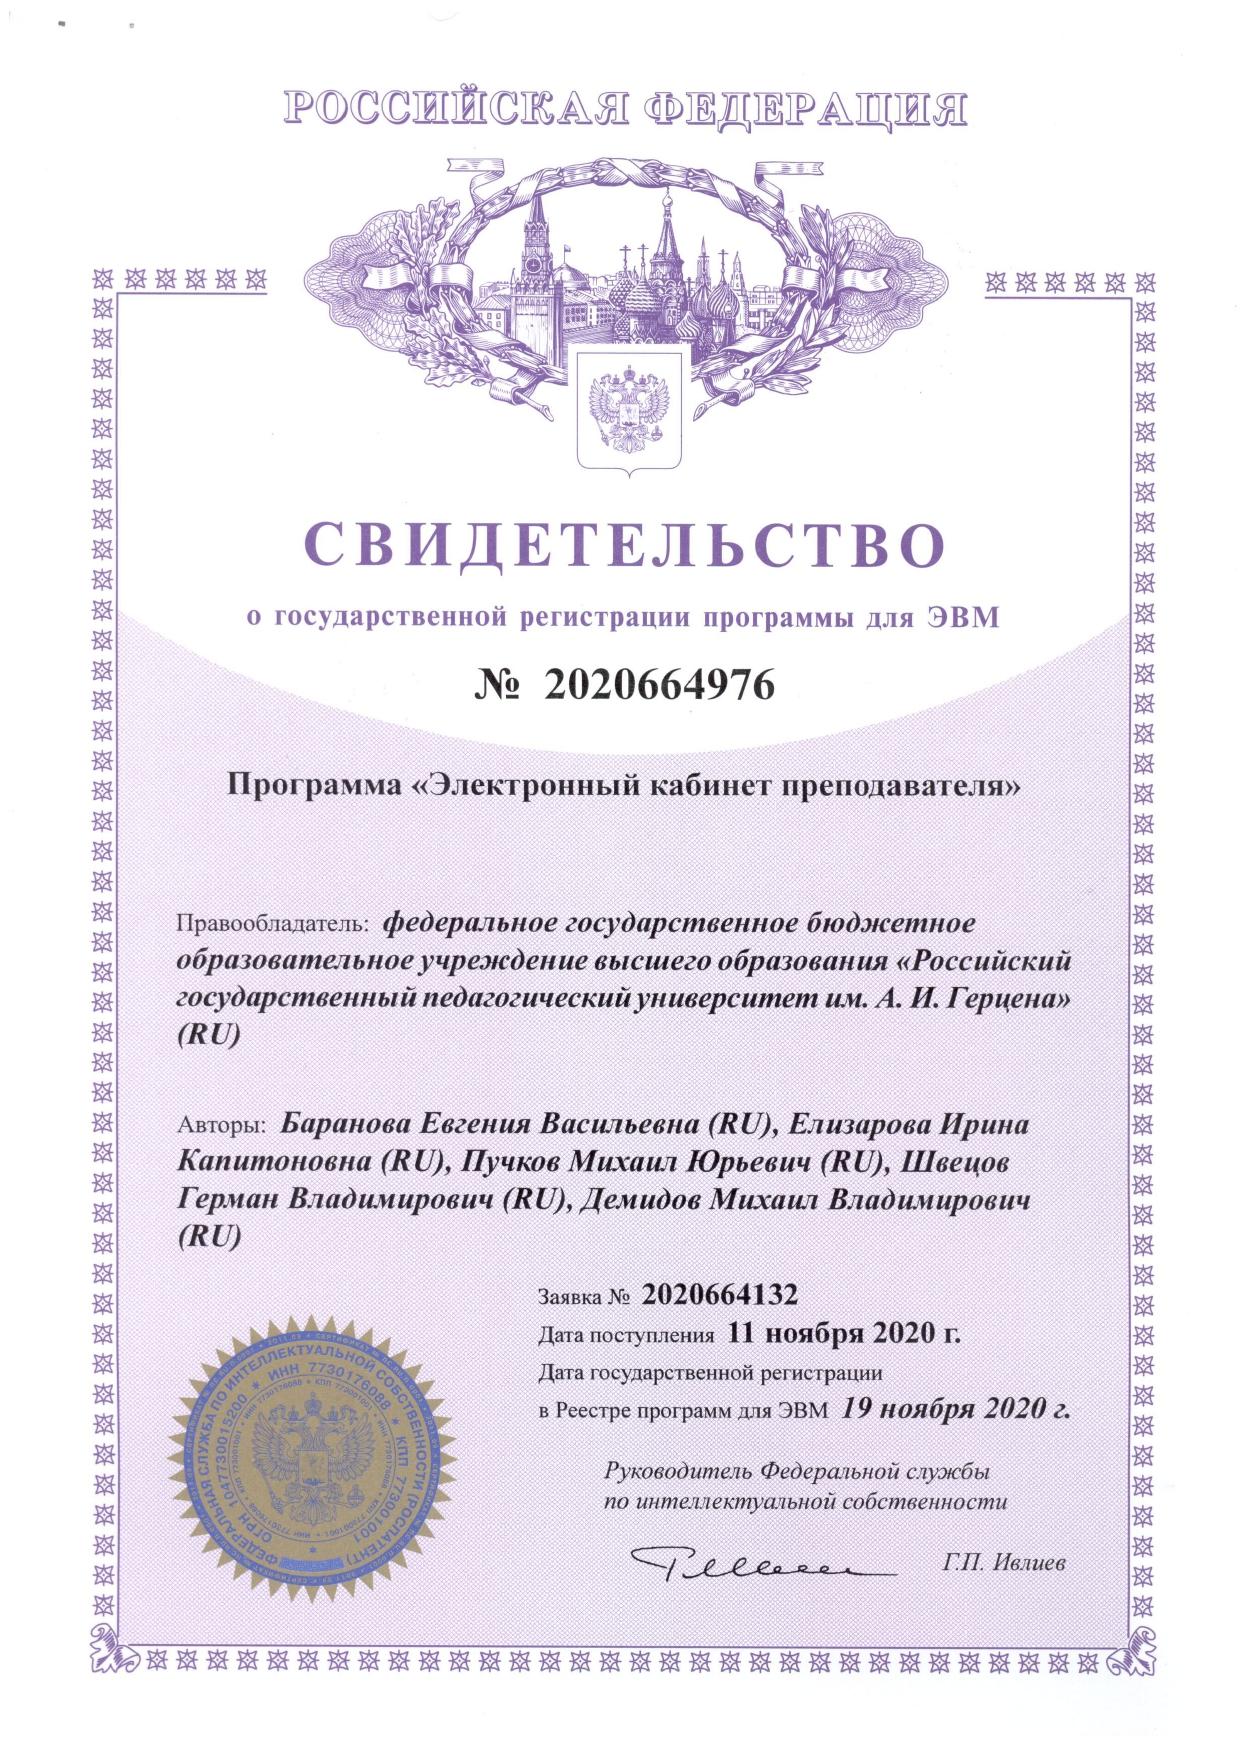 Получены свидетельства о государственной регистрации программ для ЭВМ